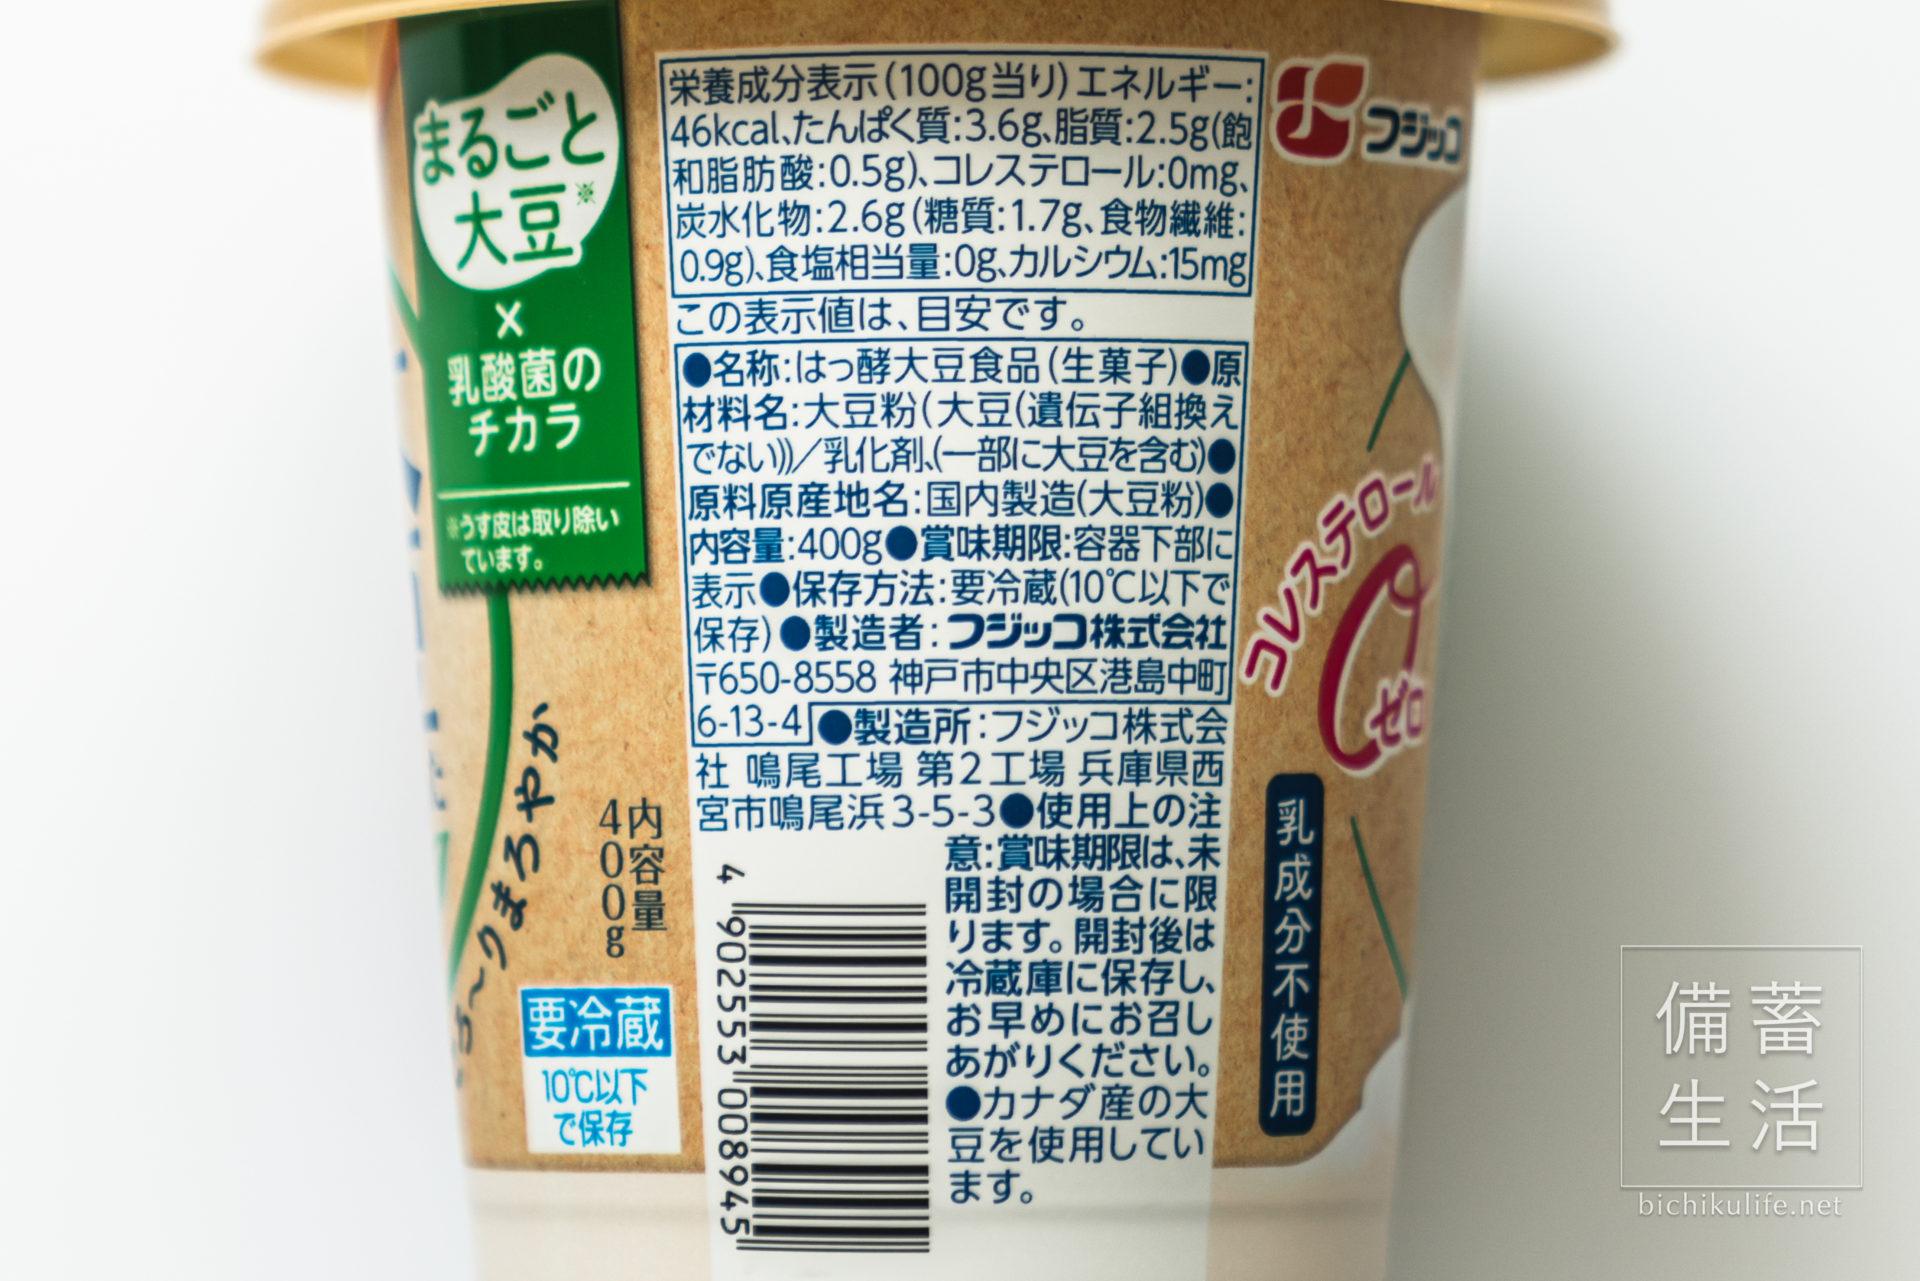 フジッコ 大豆で作ったヨーグルトの栄養成分表示、製造概要